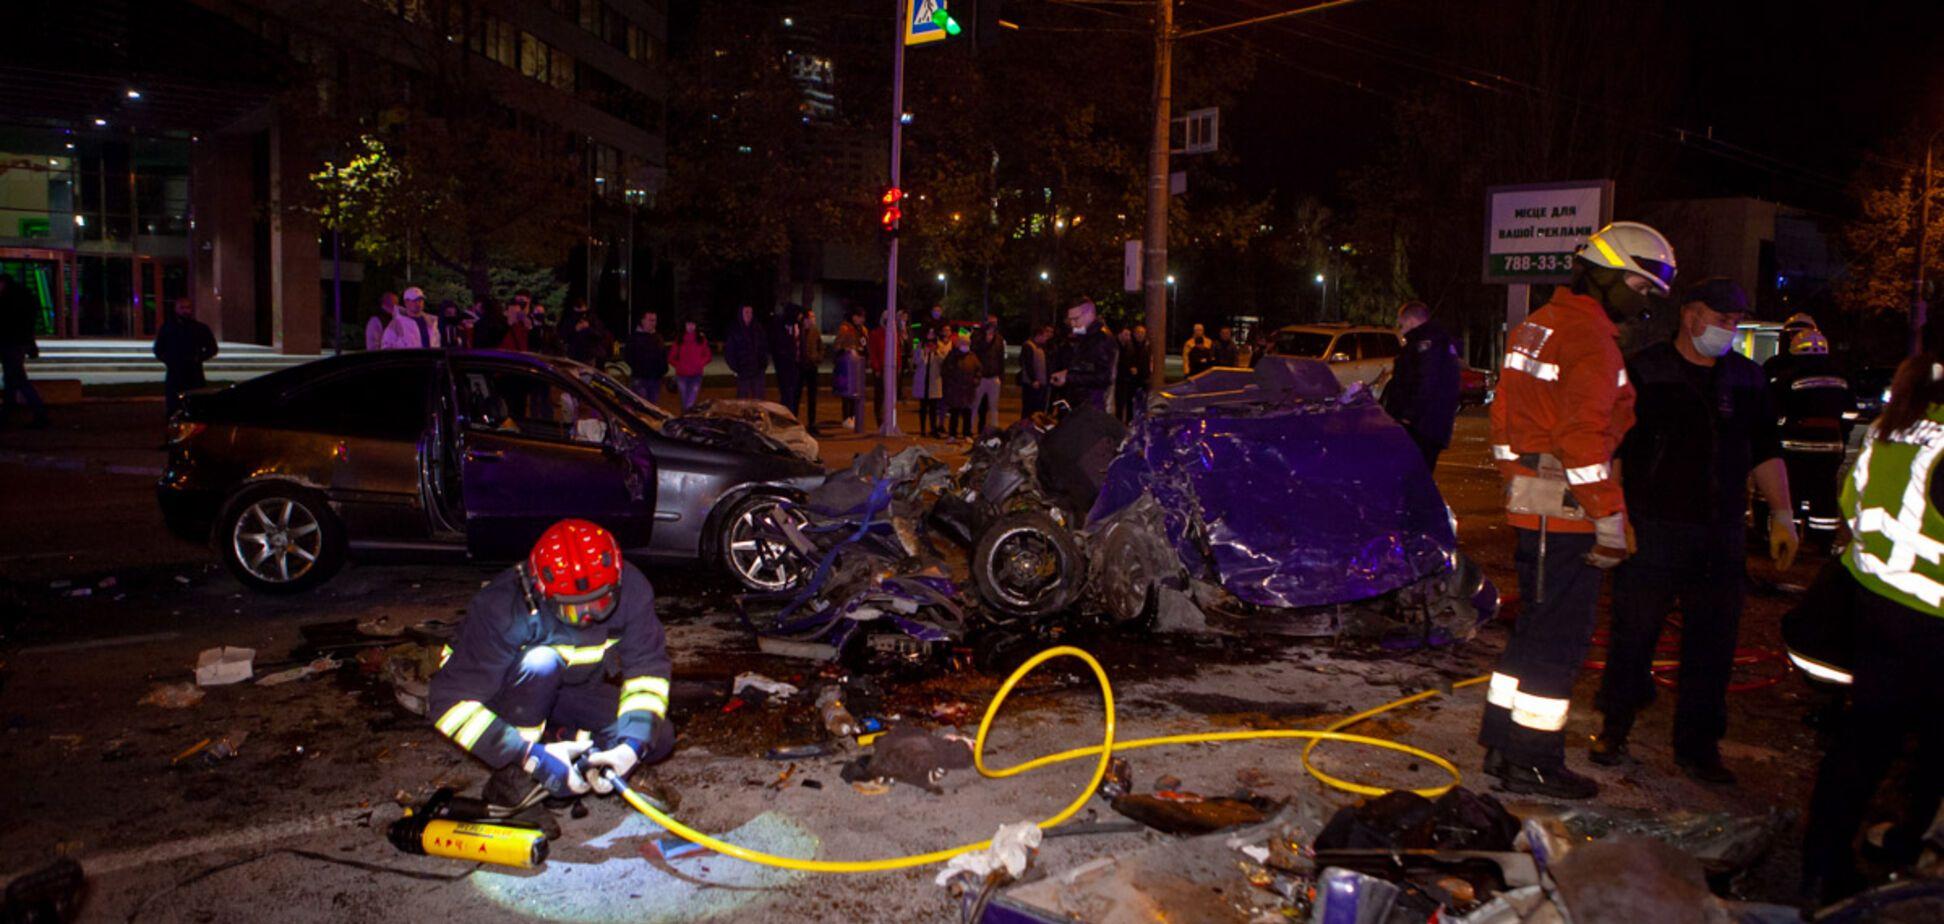 У Дніпрі п'яний водій влаштував смертельну ДТП: загинула молода пара. Фото 18+